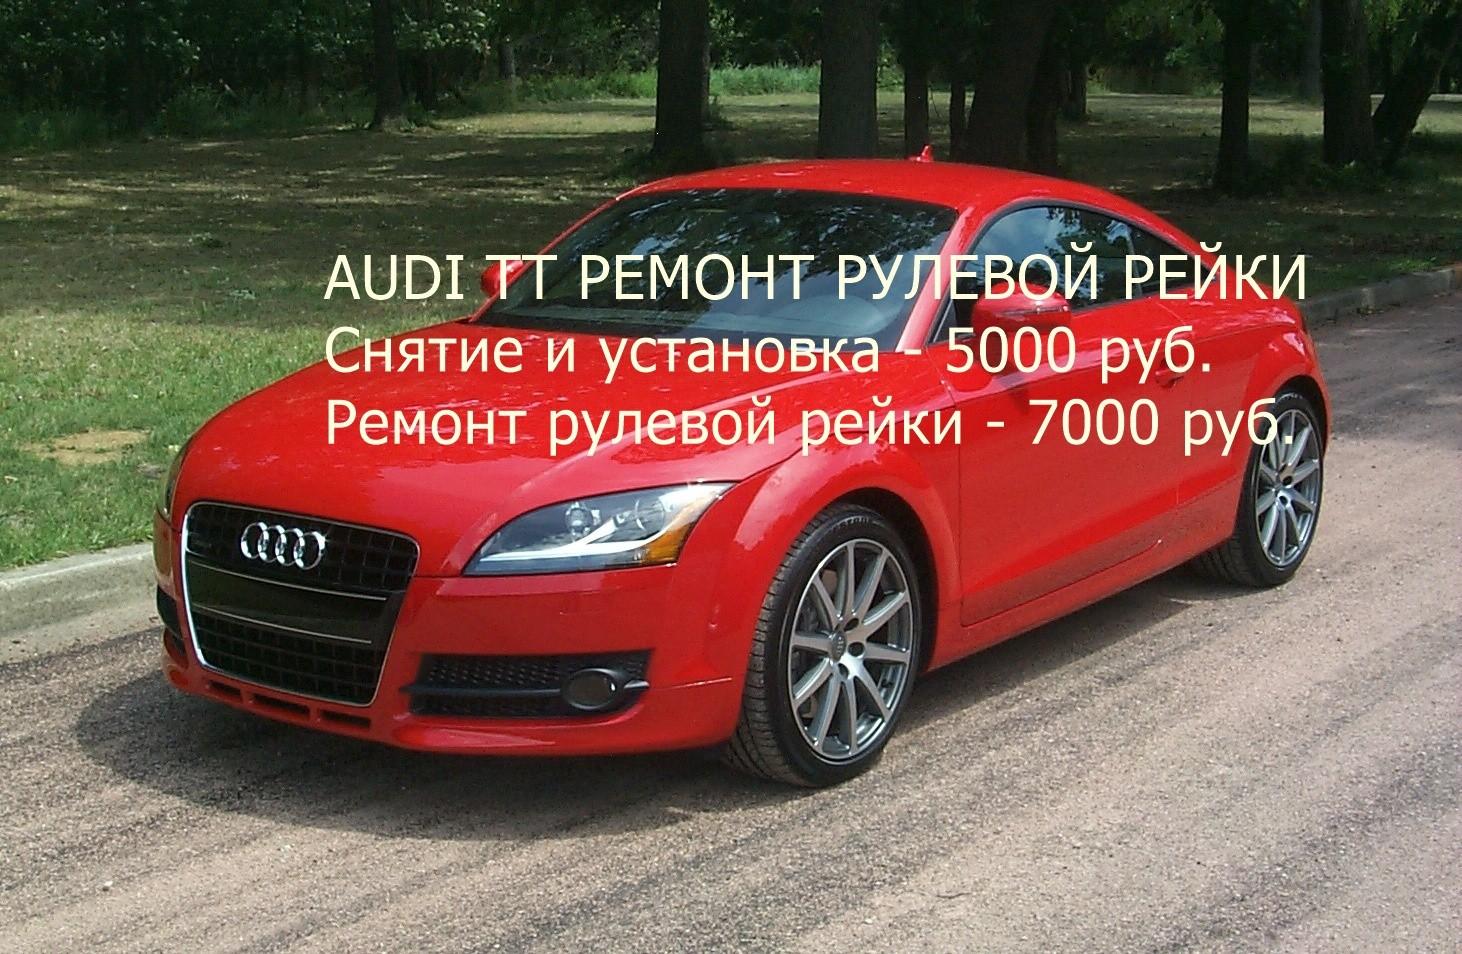 Ремонт рулевой рейки Audi TT